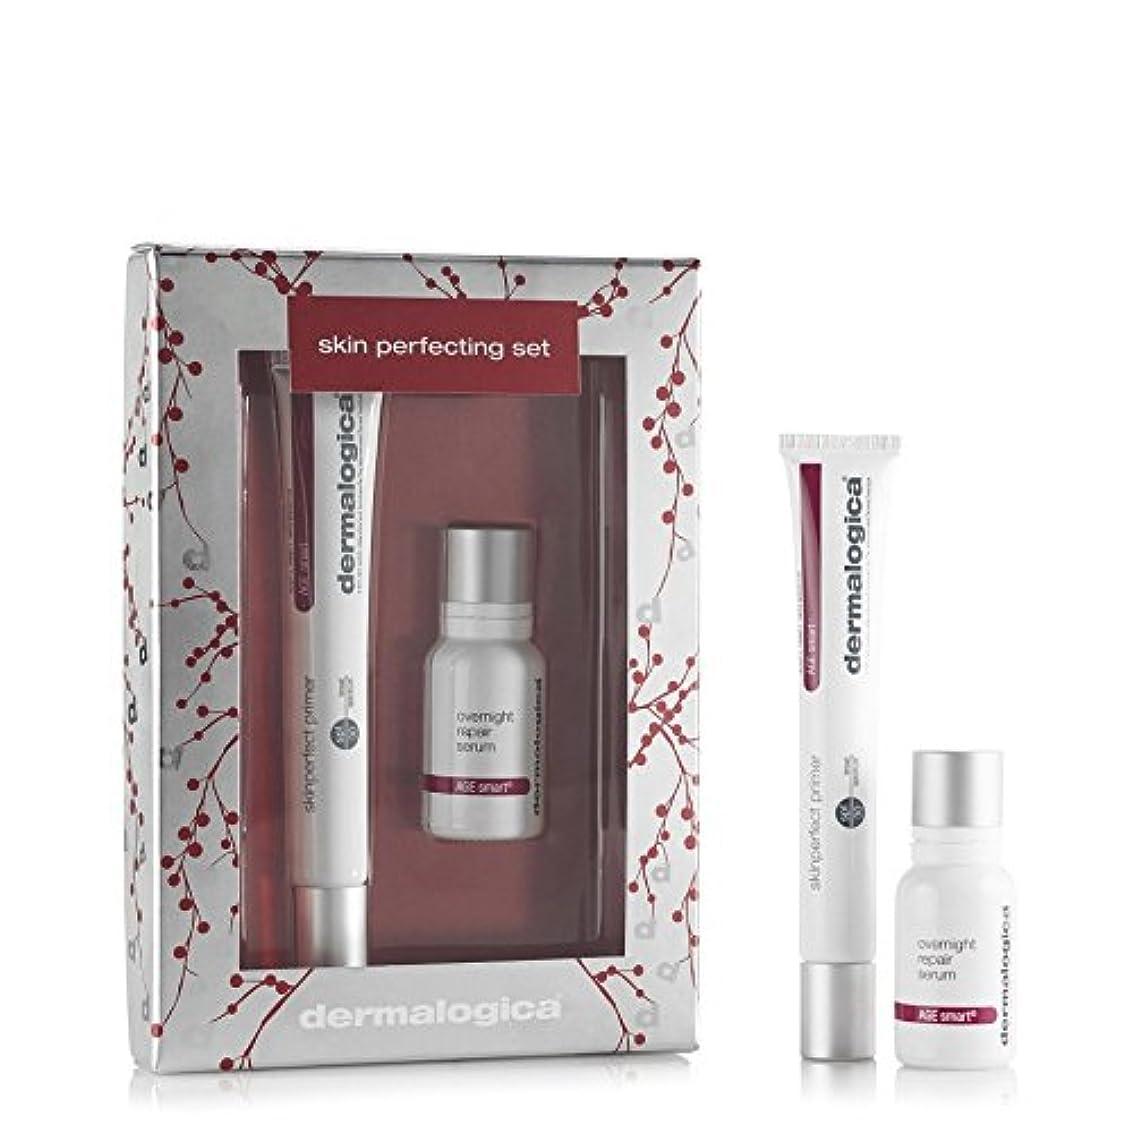 ラケット達成可能公爵夫人ギフトセットを完成ダーマロジカスキン x4 - Dermalogica Skin Perfecting Gift Set (Pack of 4) [並行輸入品]